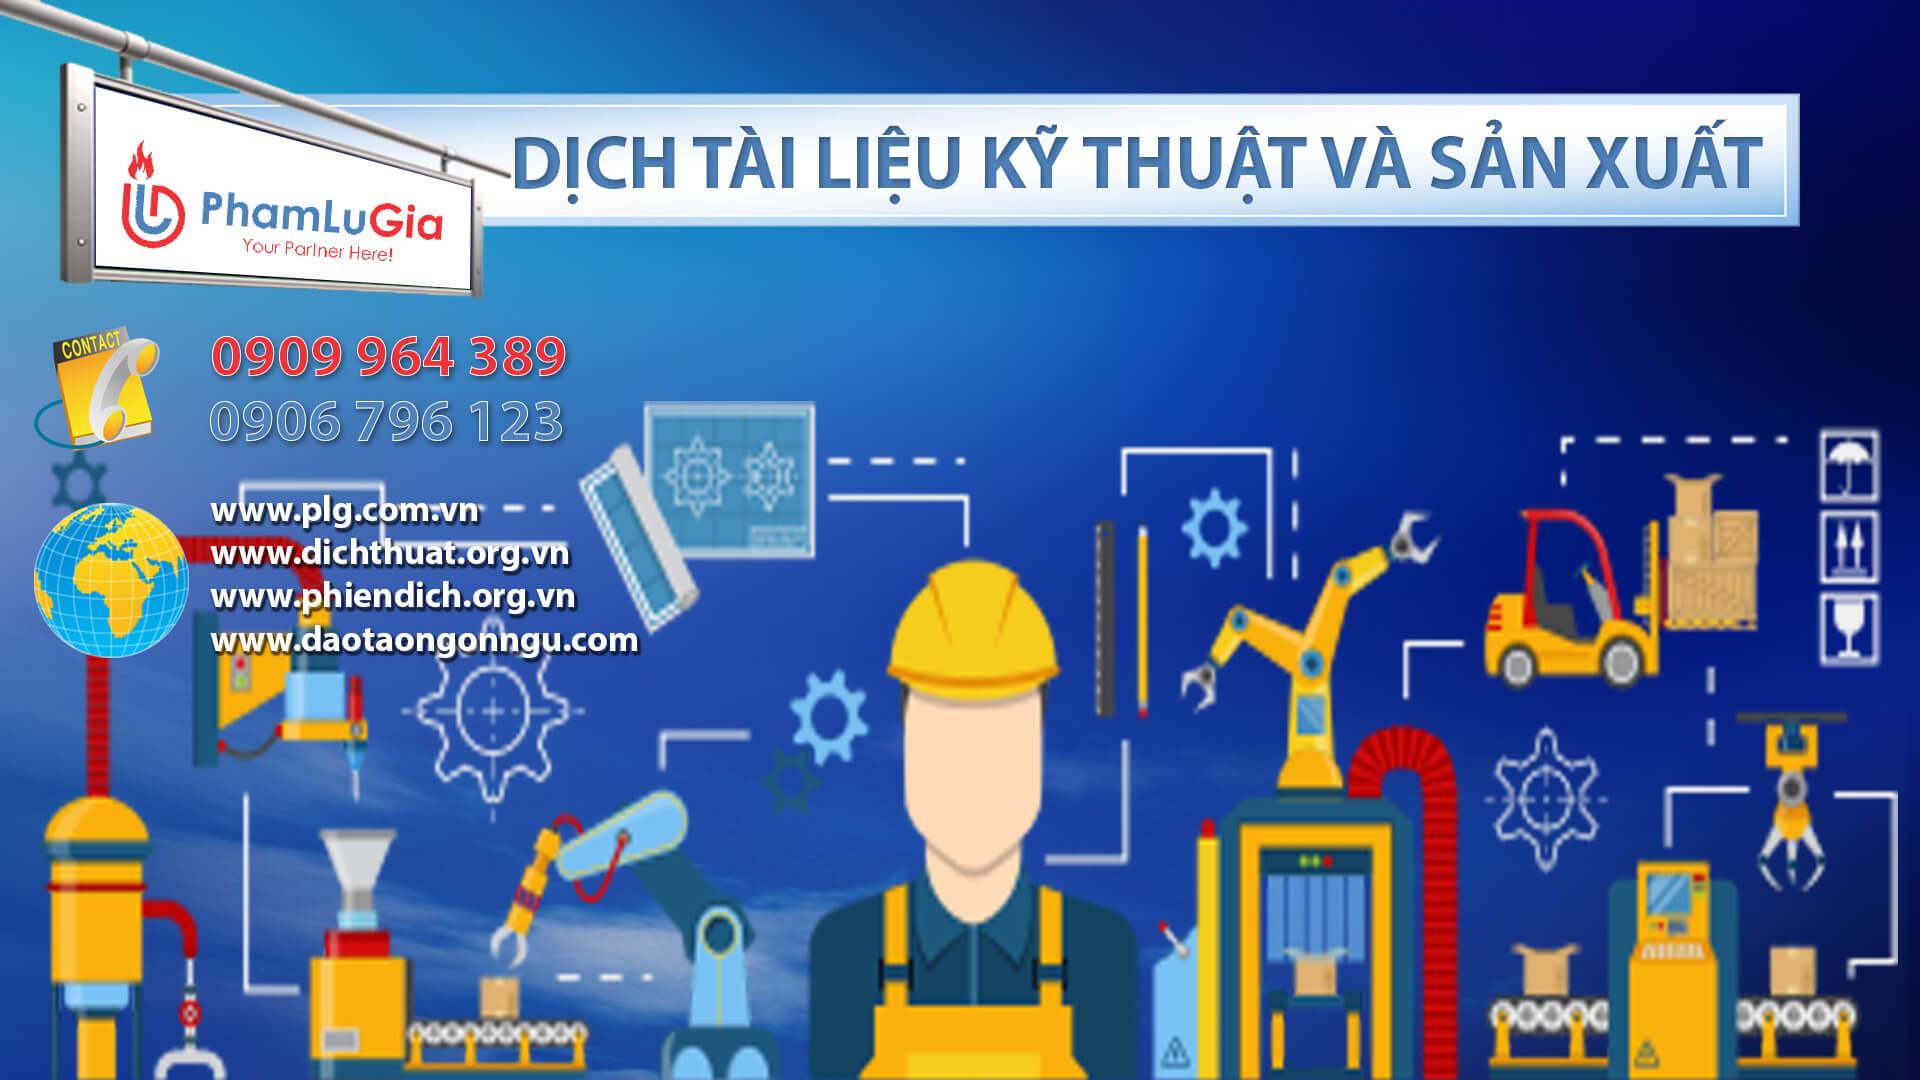 Dịch tài liệu kỹ thuật và sản xuất